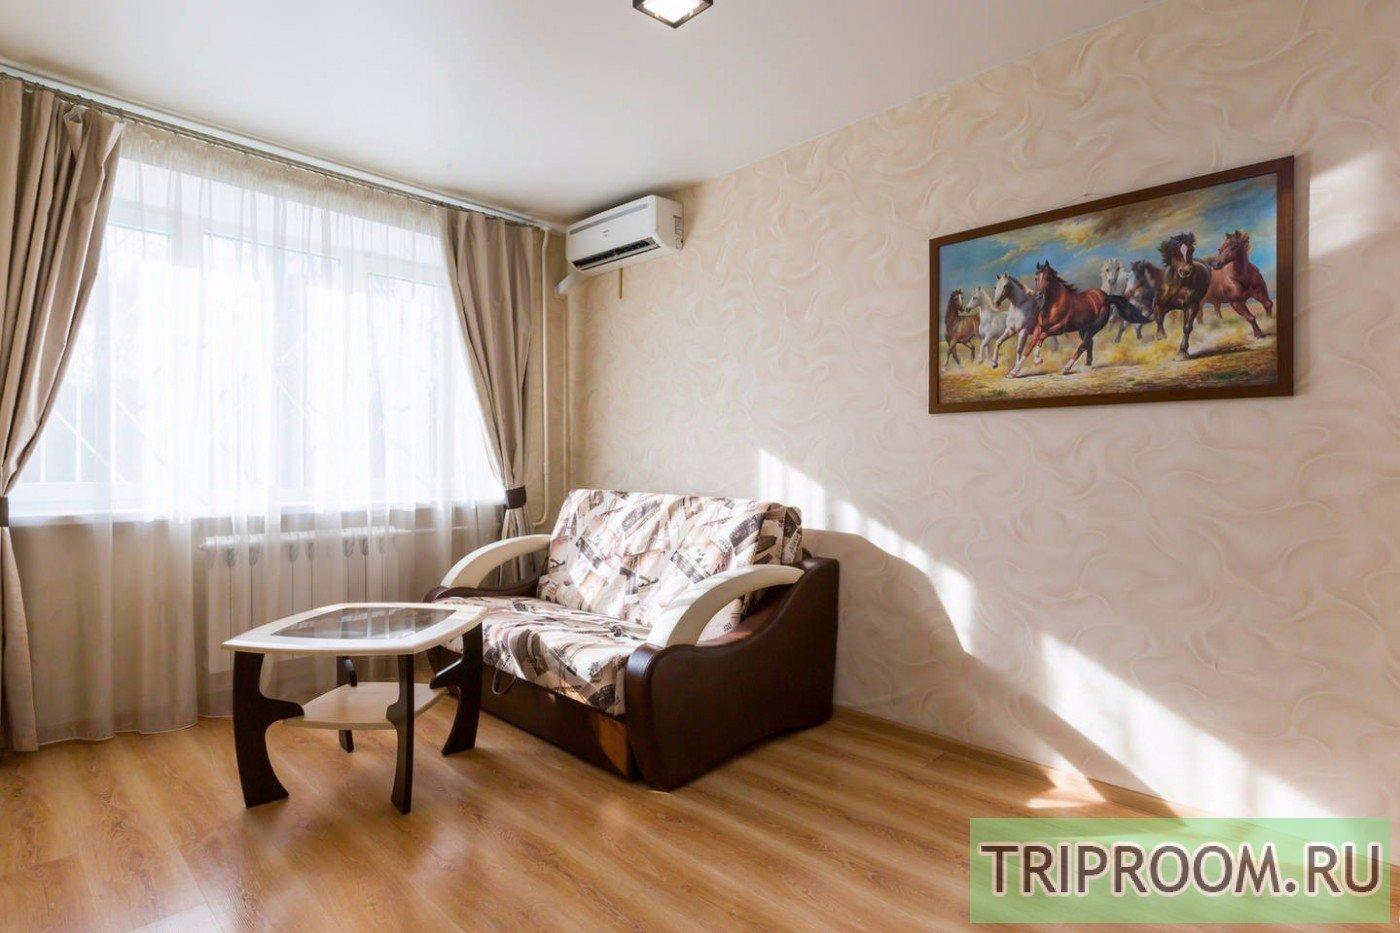 1-комнатная квартира посуточно (вариант № 37176), ул. Октябрьский проспект, фото № 3